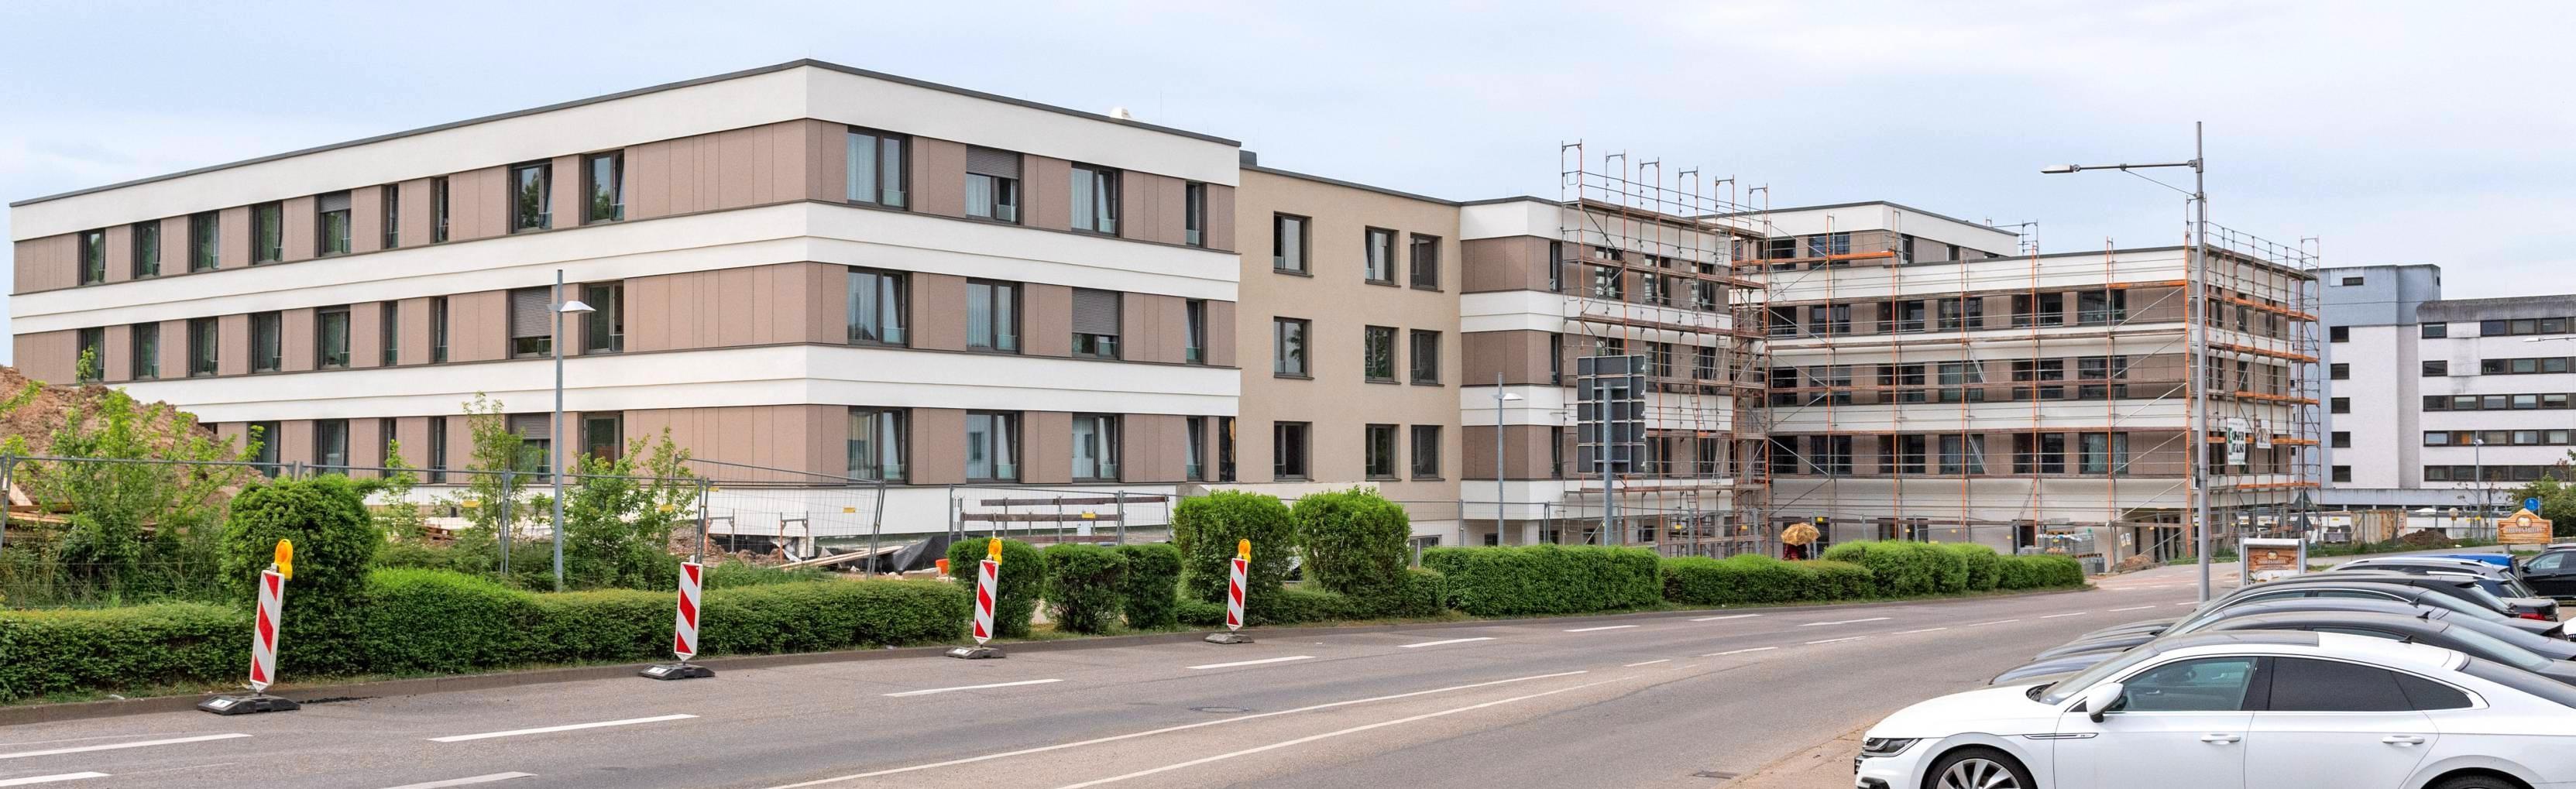 Schon seit Jahren legt die Stadt bei Neubauten – hier das Seniorenheim St. Vinzenz –Wert auf eine klimaschonende Umsetzung. Foto: Archiv/Berger